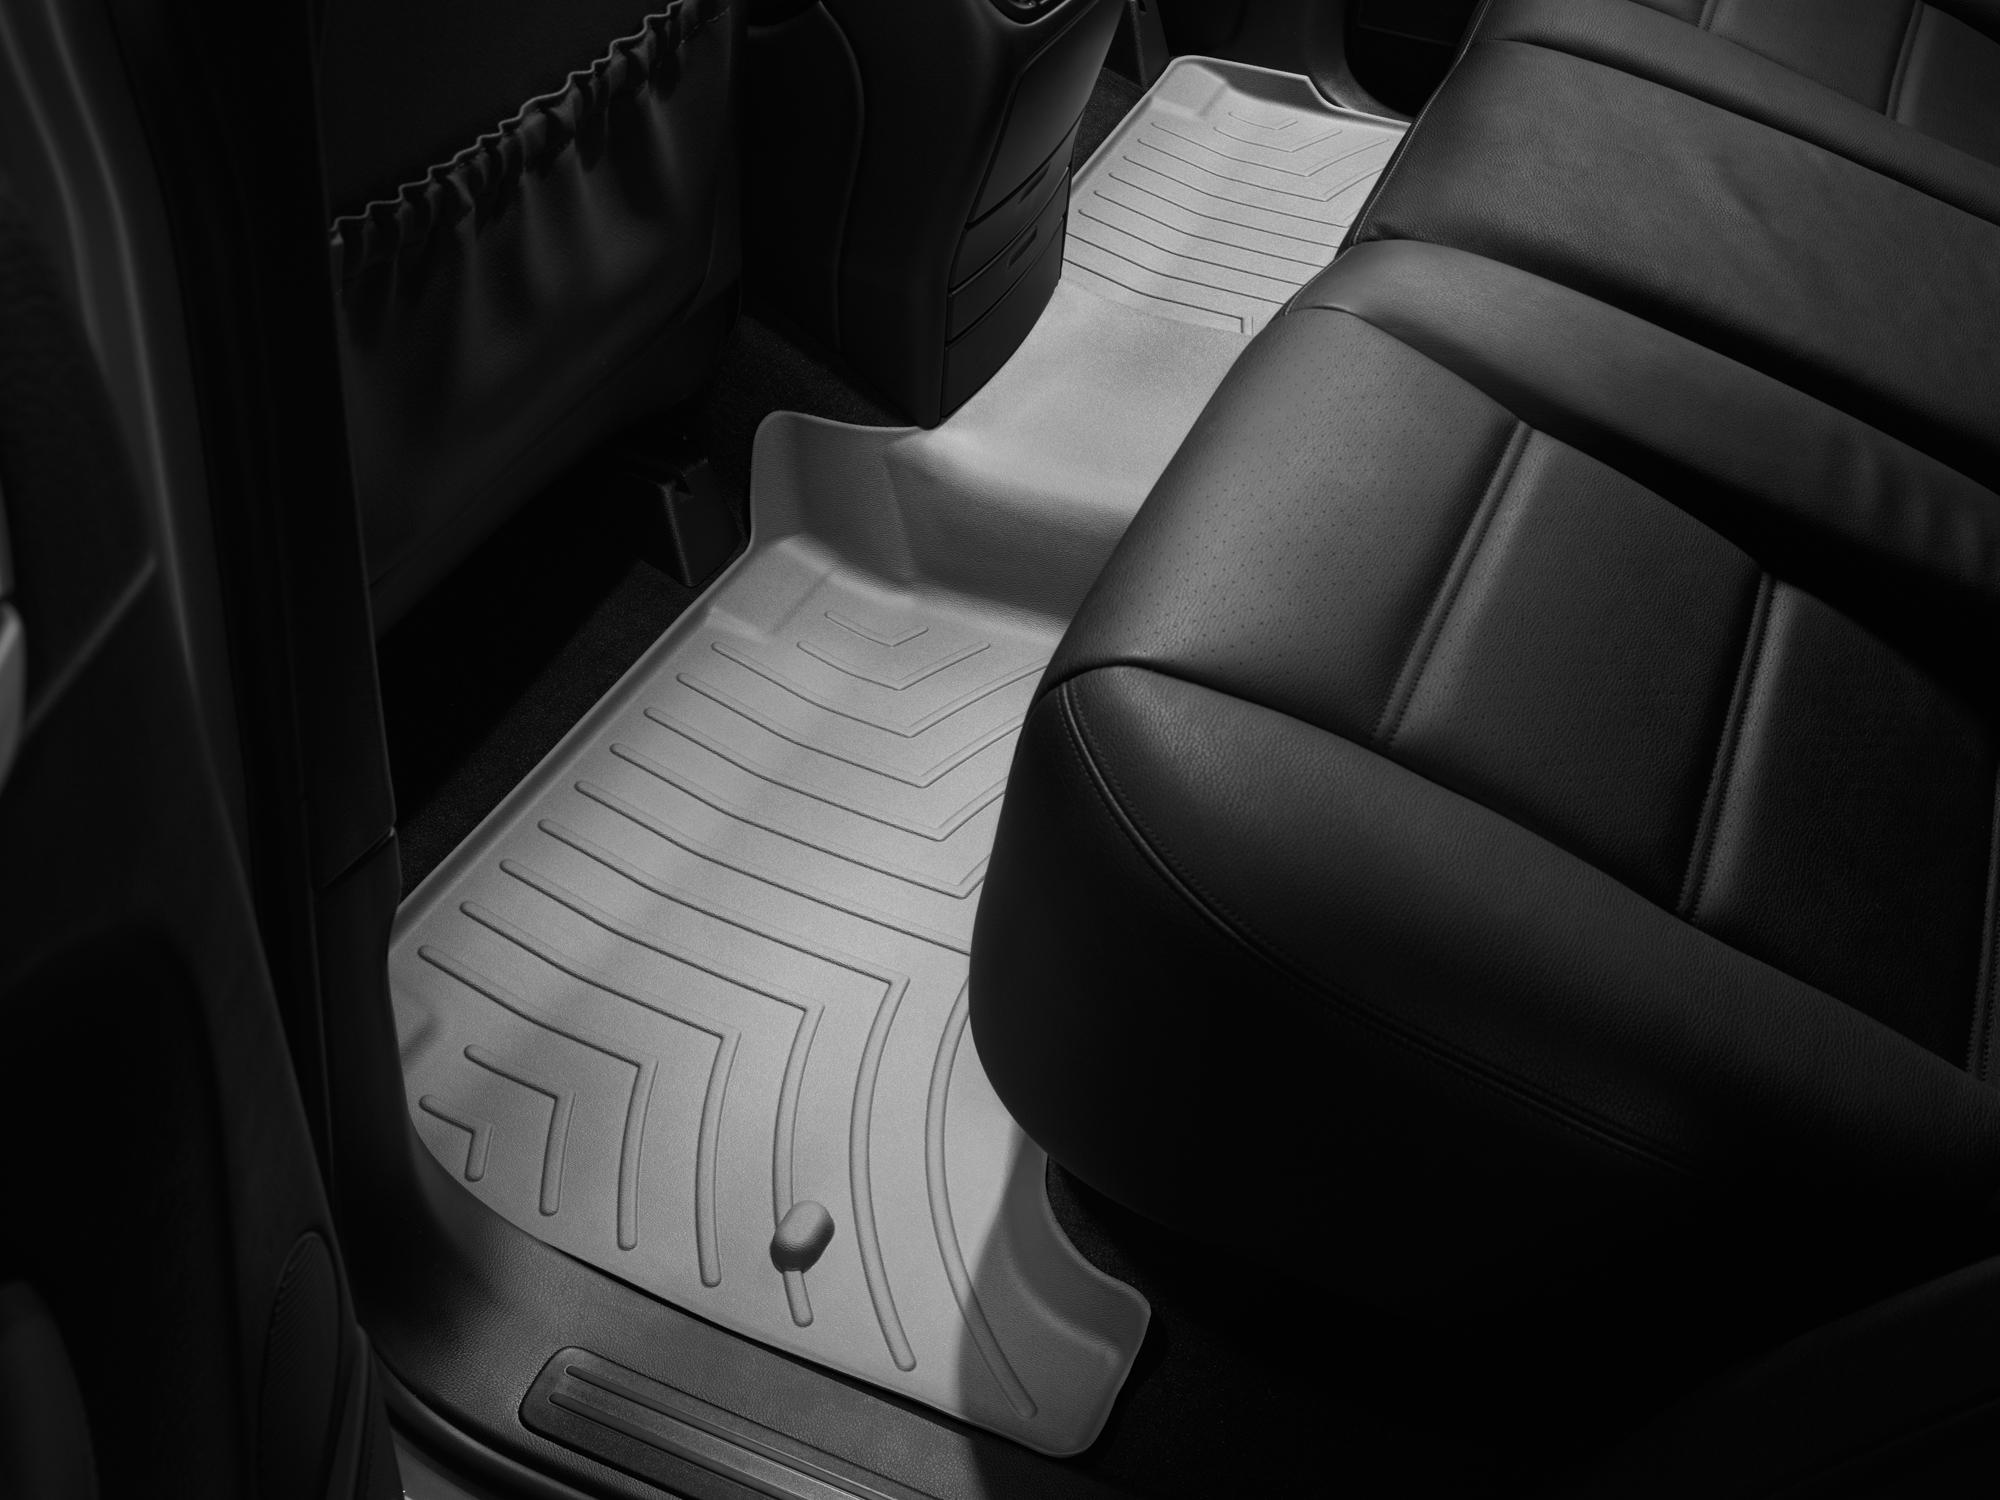 Tappeti gomma su misura bordo alto Volkswagen Touareg 07>08 Grigio A4290*